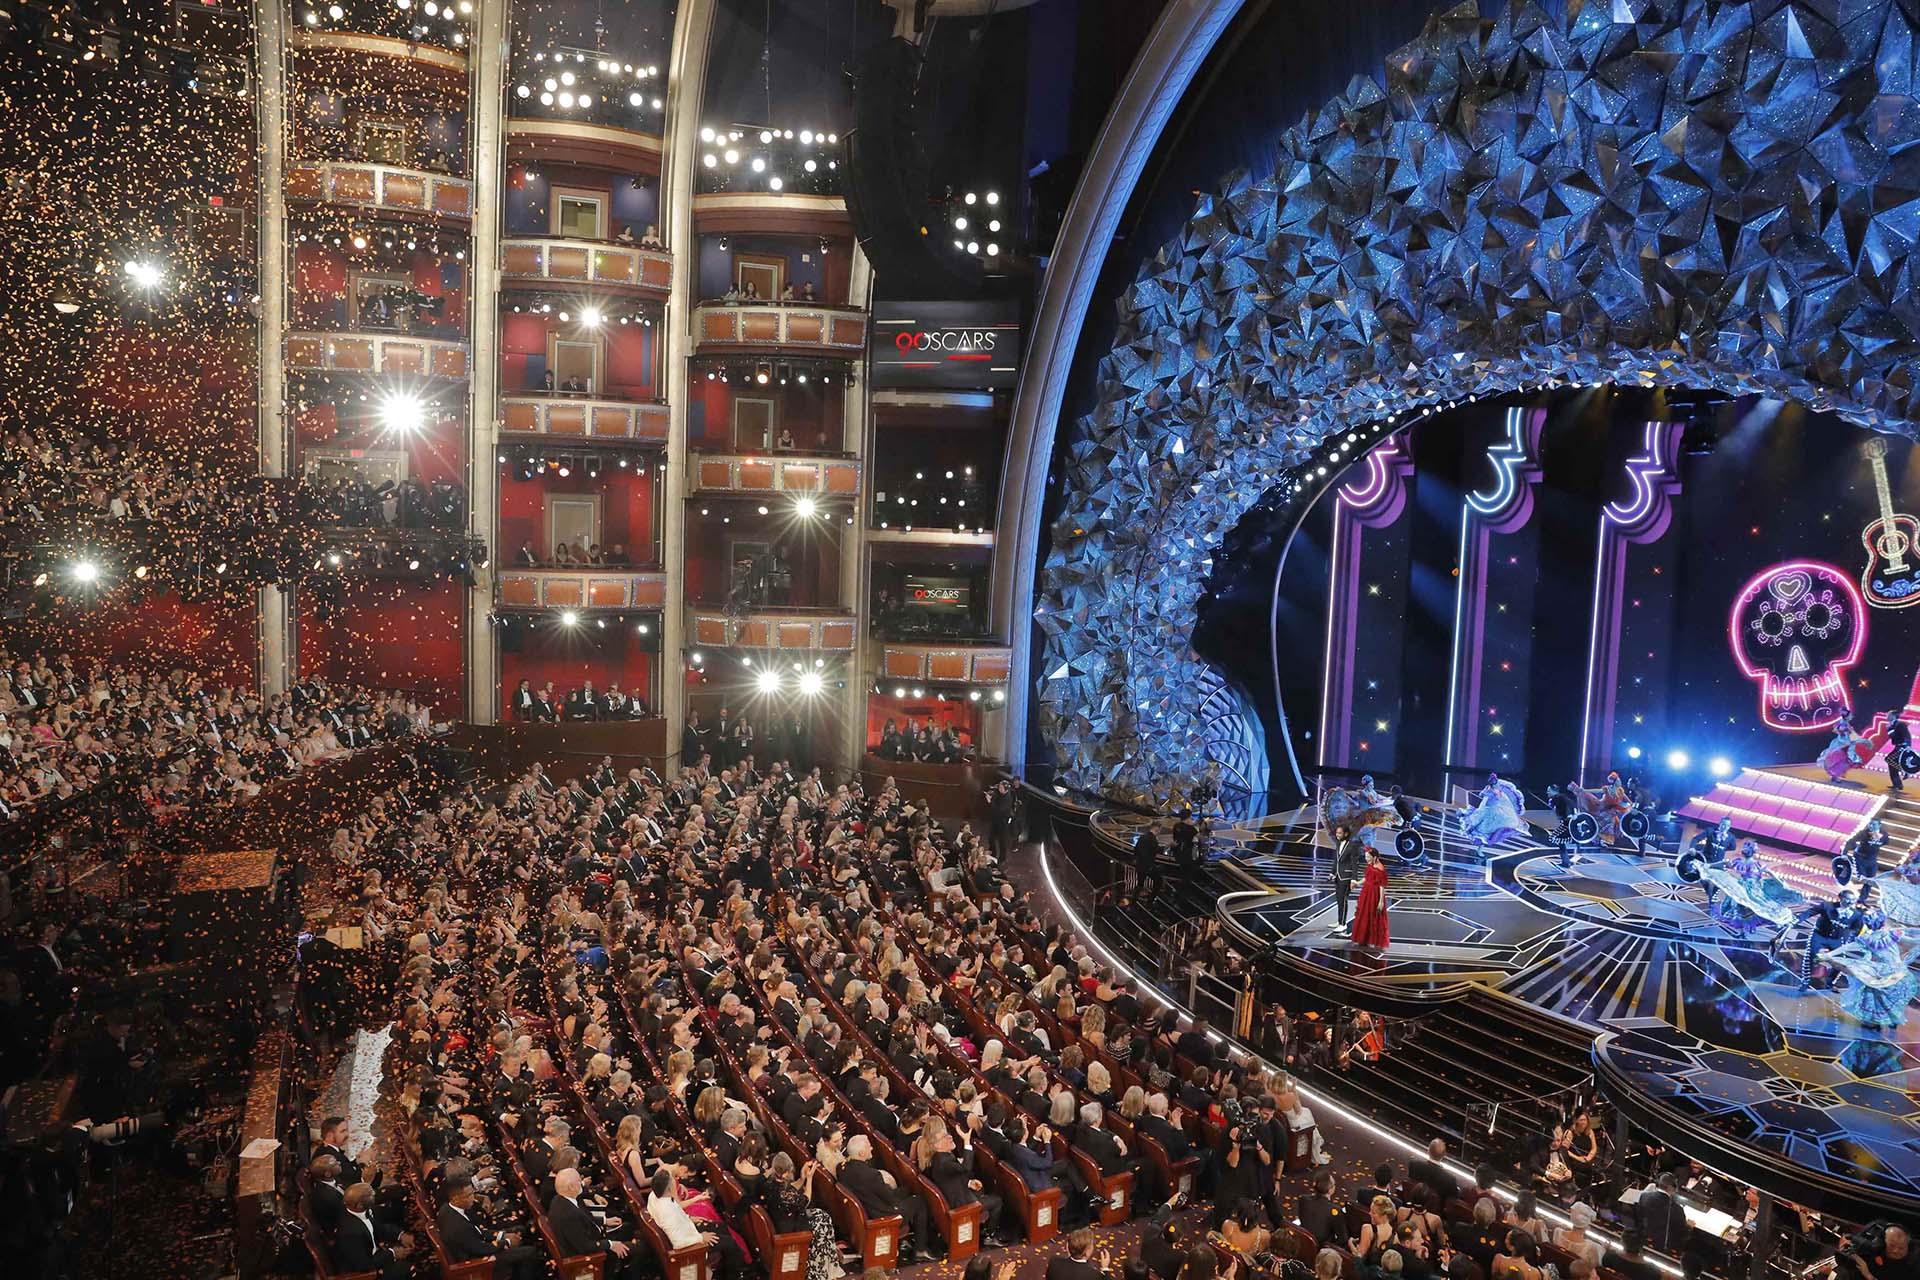 Otra toma del imponente Dolby Theatre de Los Ángeles